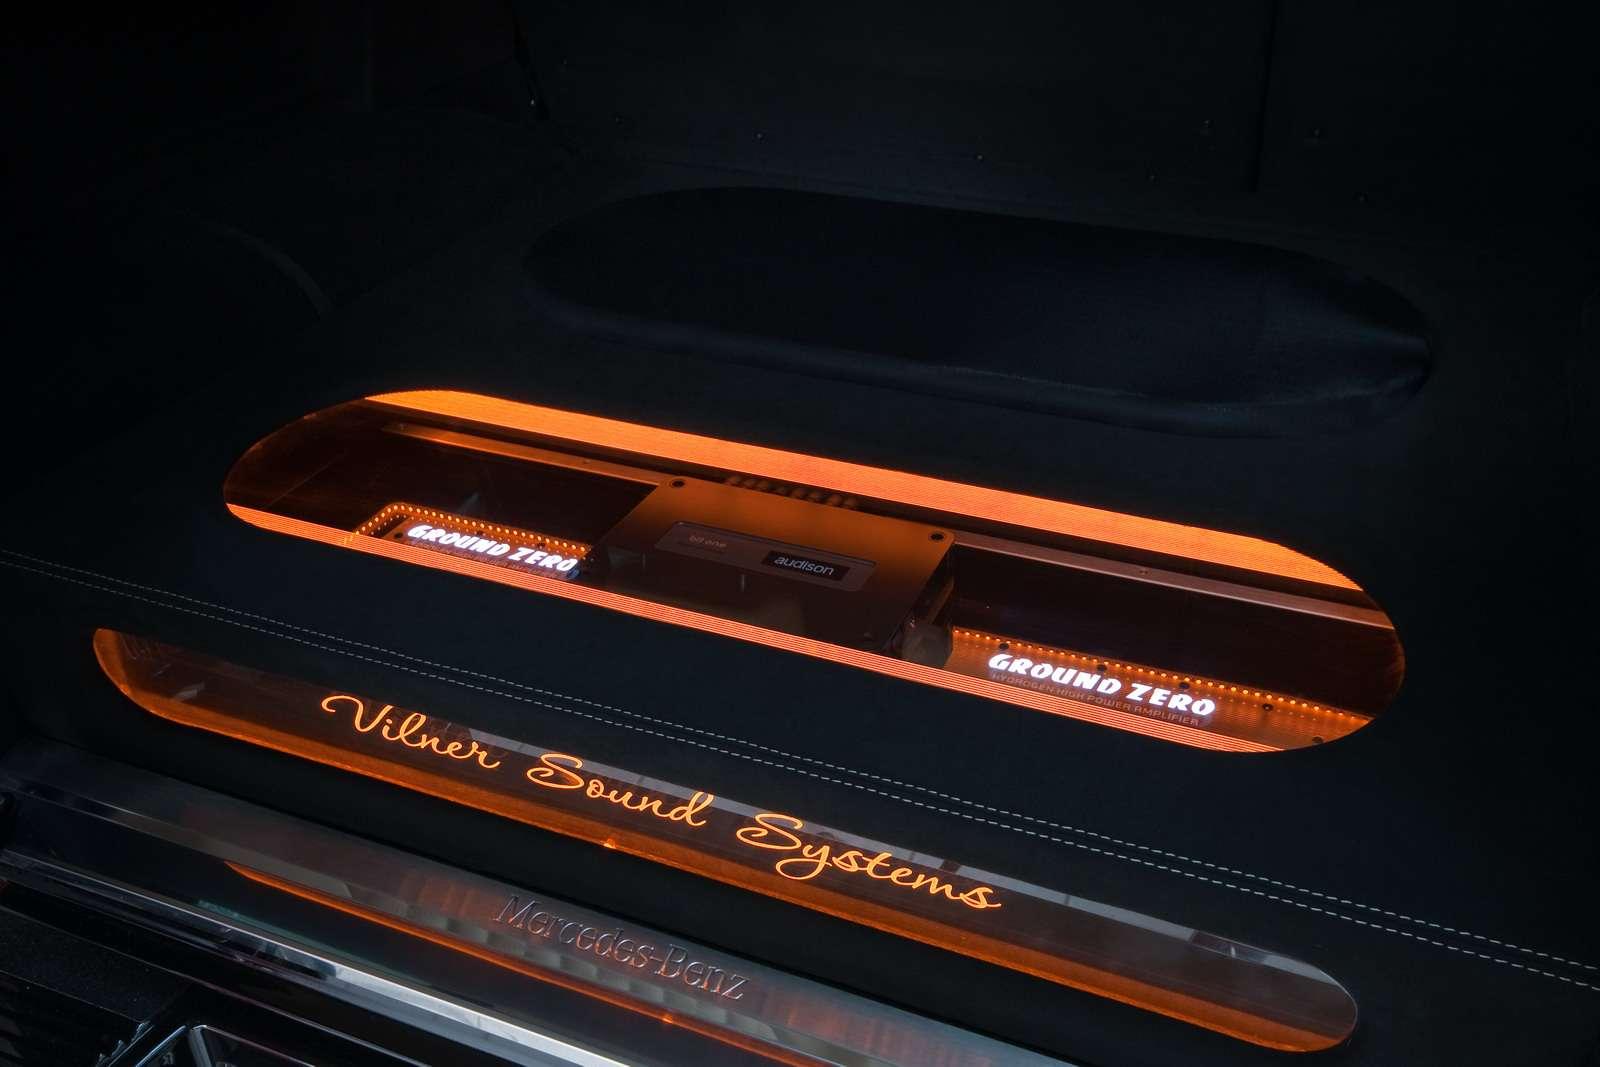 Mercedes G klasa od vilner grudzien 2011